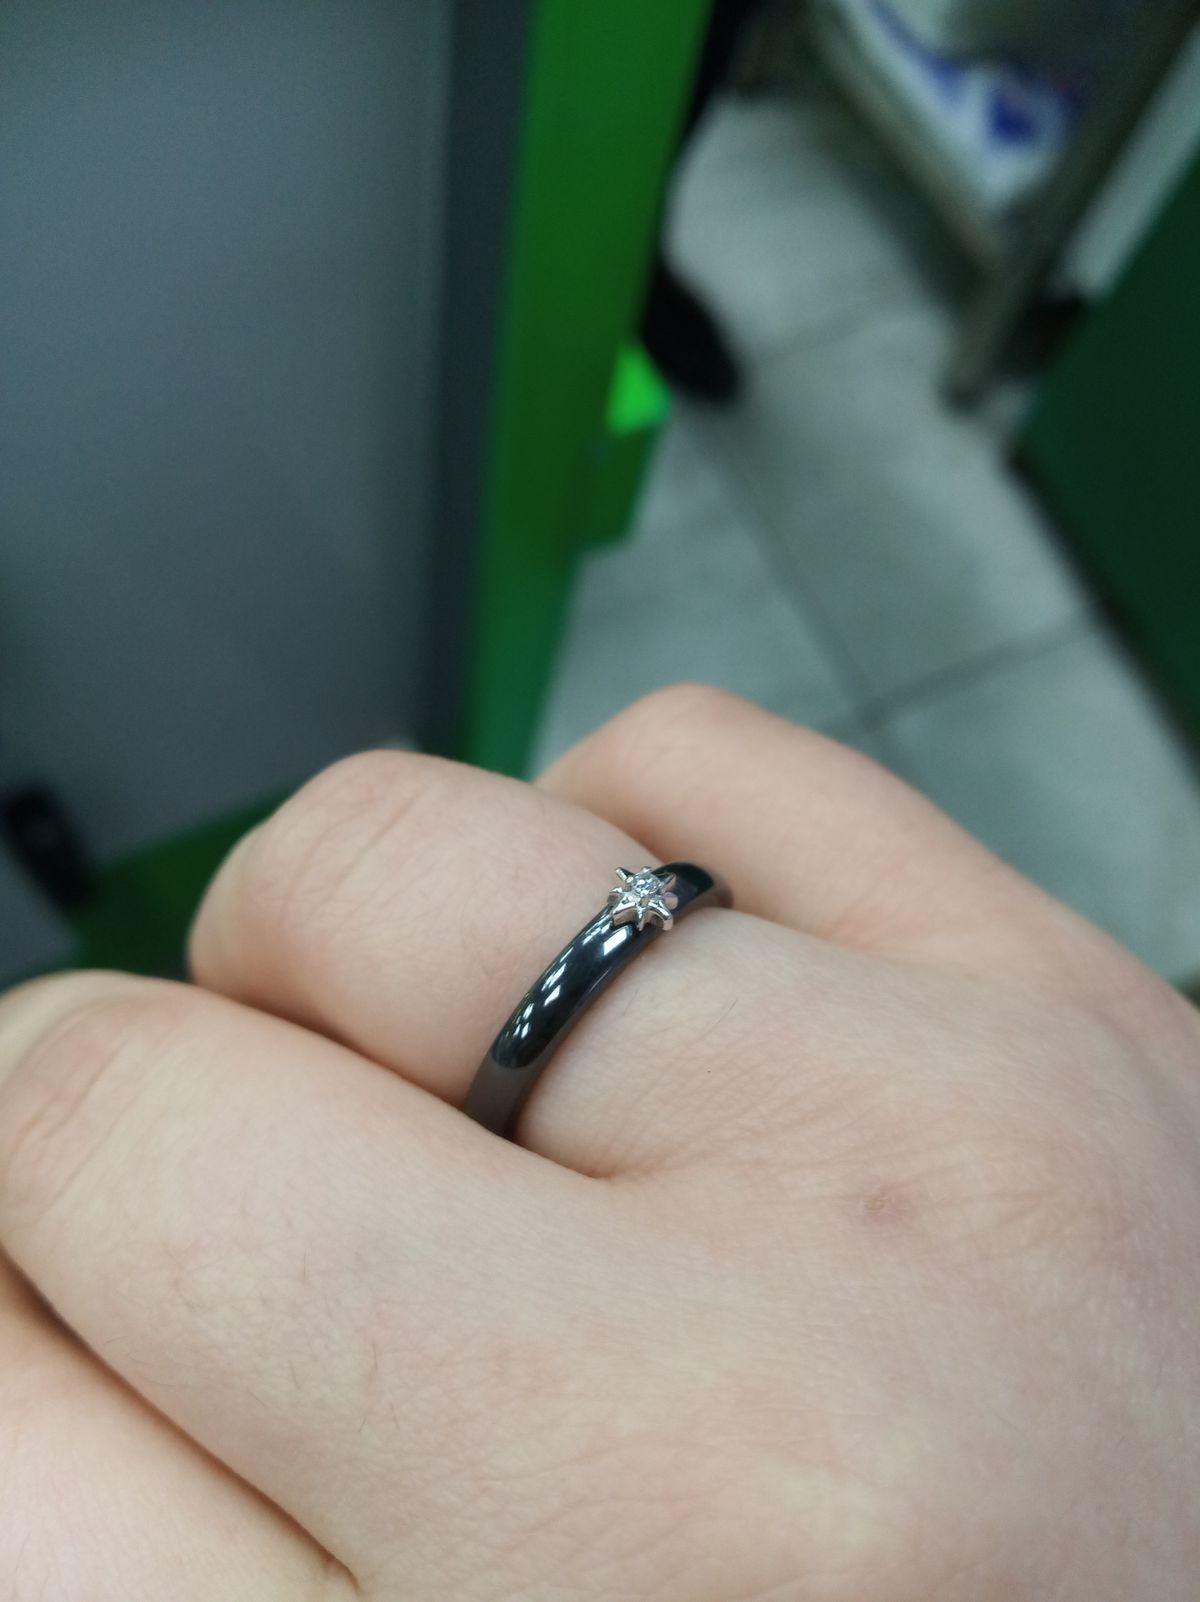 Недавно приобрела керамическое кольцо